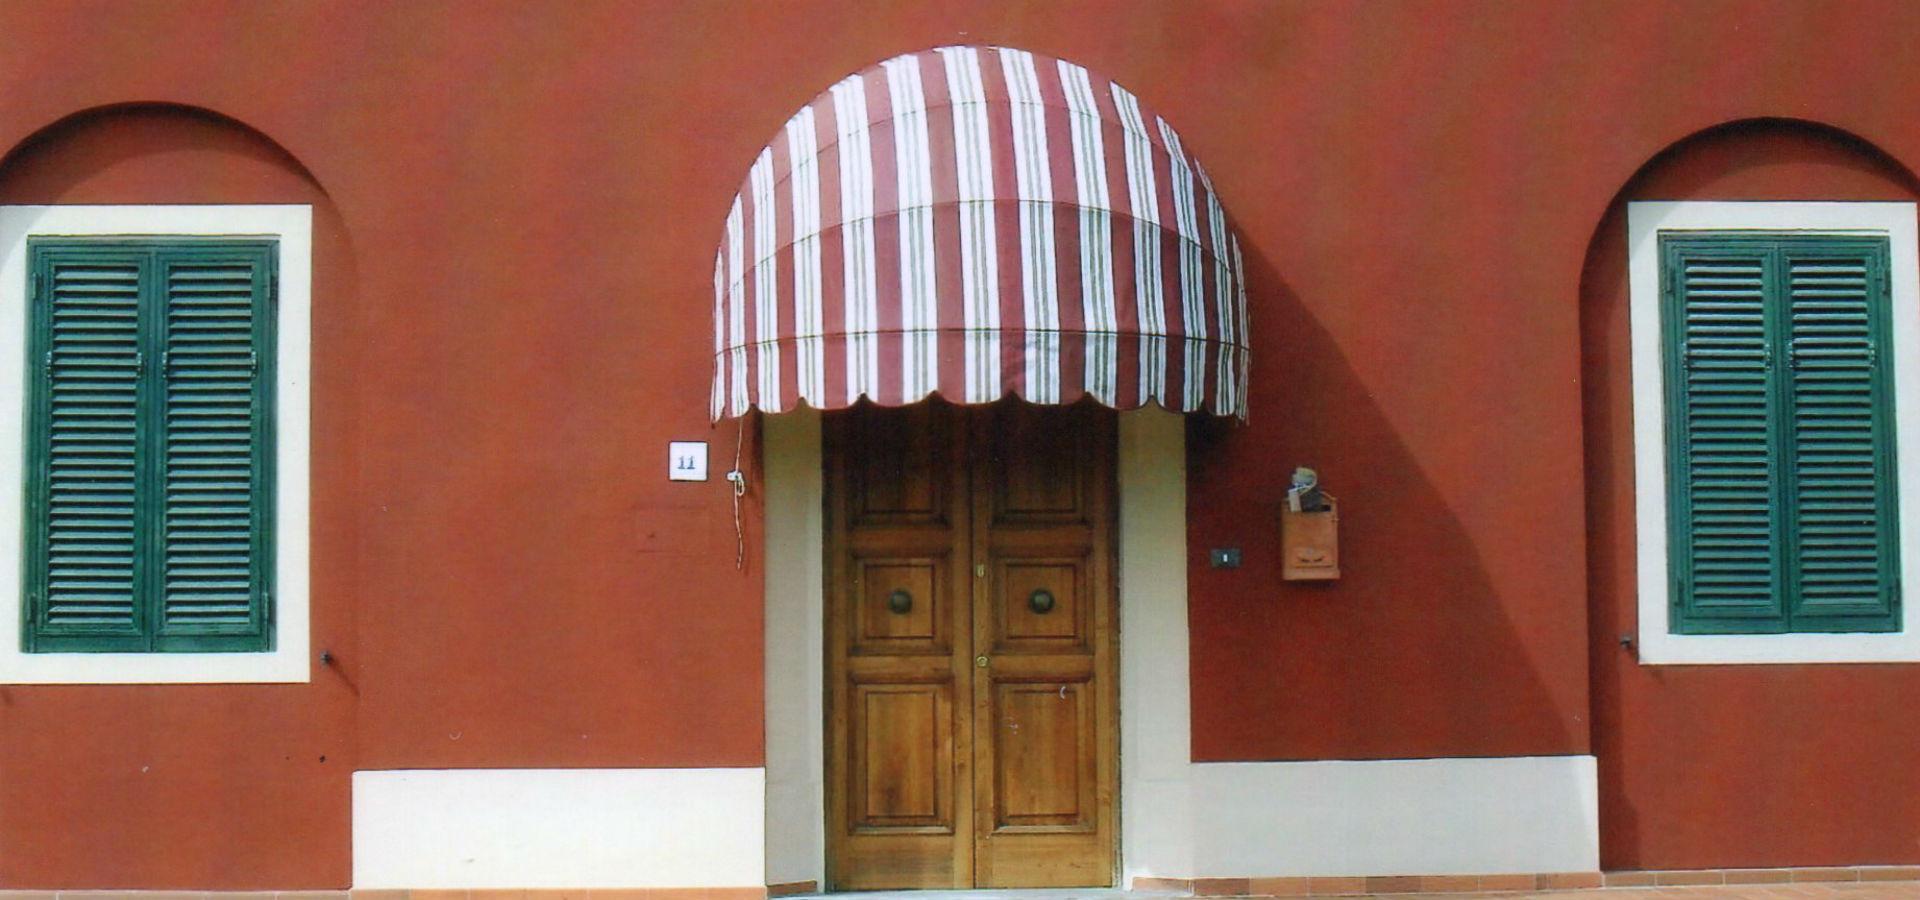 Tende a Cappottine Sgherri Tende a Lucca